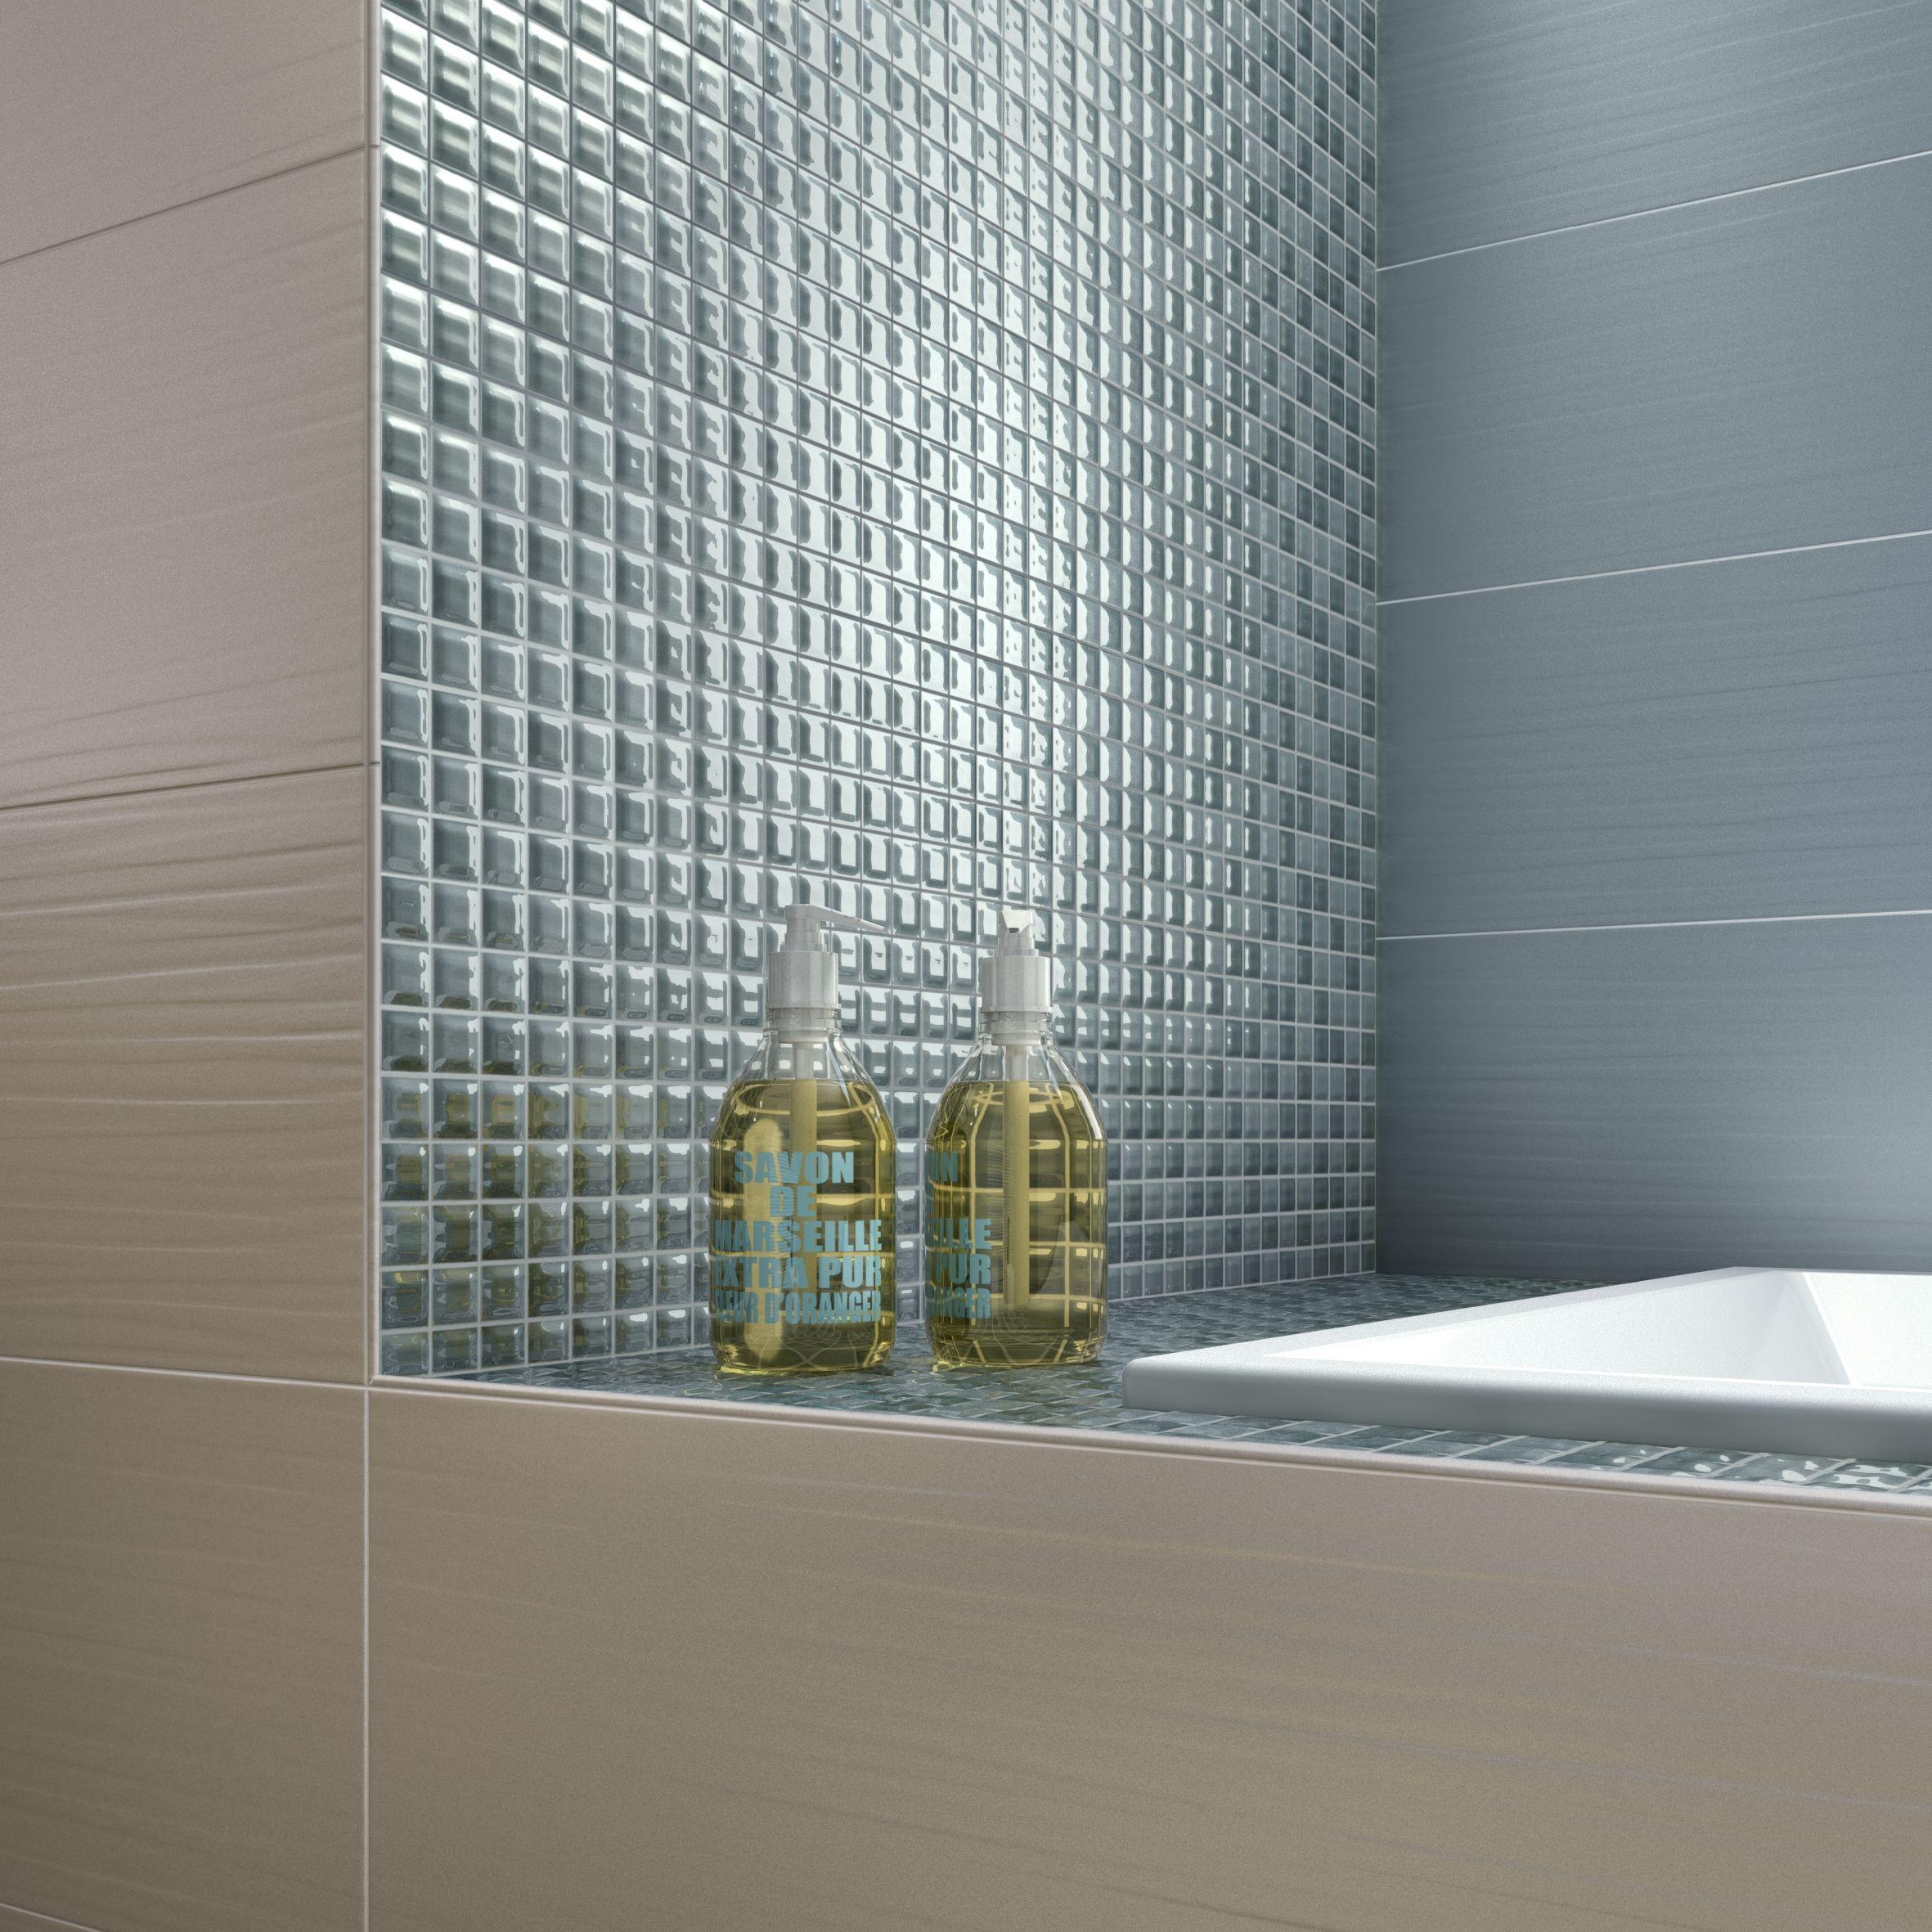 Versatilità ed eleganza sono le due peculiarità da cui è nata Lace, la collezione di rivestimenti ideale per bagni di design. Un'ampia gamma di decorazioni e di mosaici permettono di realizzare ambienti in linea con il proprio gusto personale. http://www.supergres.com/your-home/rivestimenti/item/162-lace  #Bathroom #RivestimentoBagni #WallTiles #CeramisOfItaly